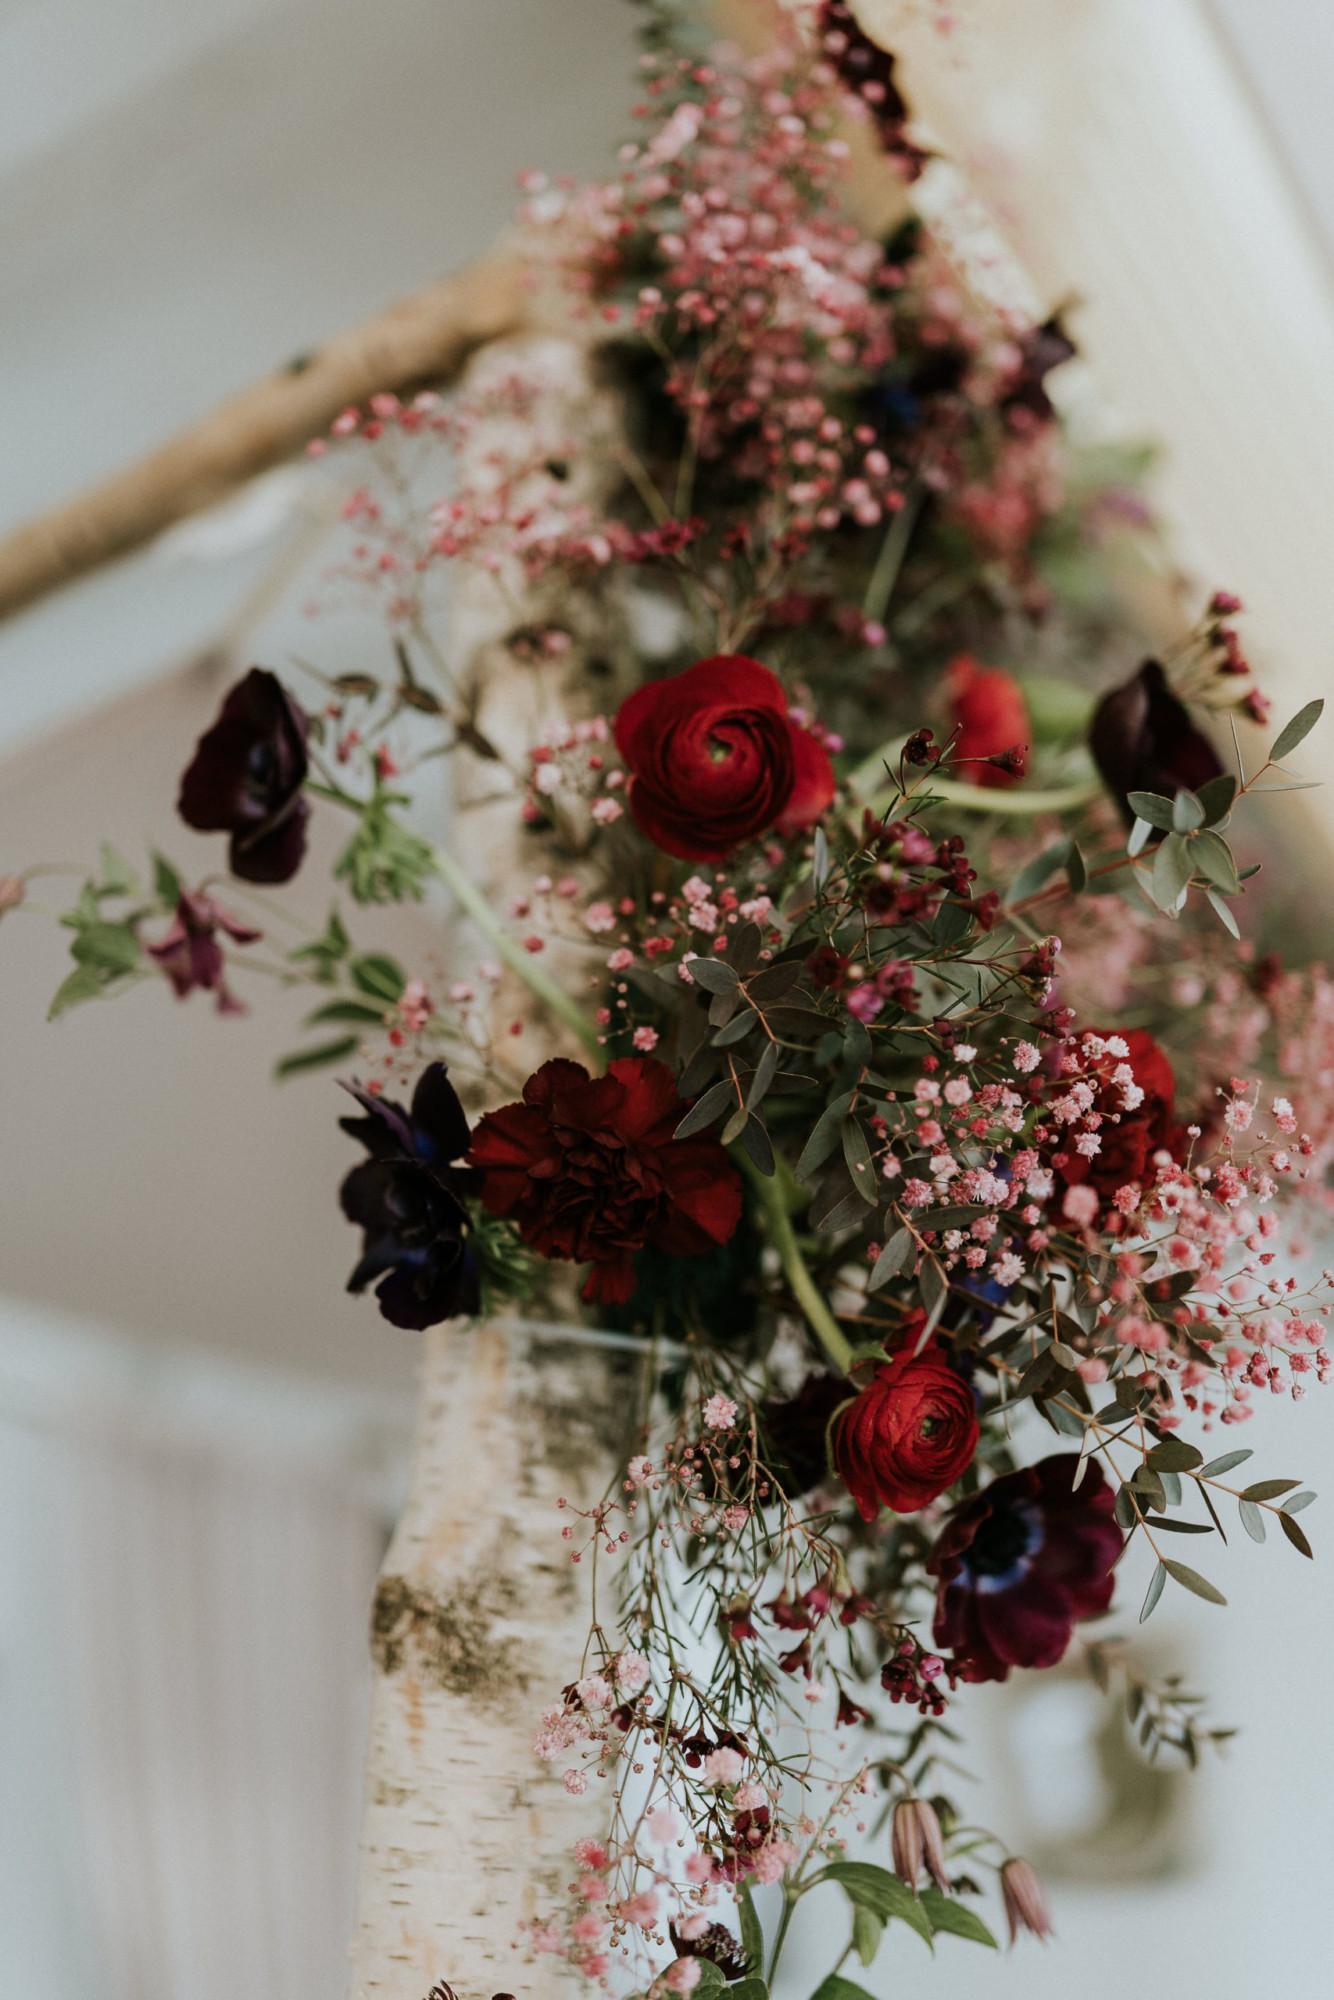 Fleuriste mariage, design floral, mariage à paris, décoratrice paris, mariage sur les toits de paris, red velvet, rouge velours, mariage, houppa